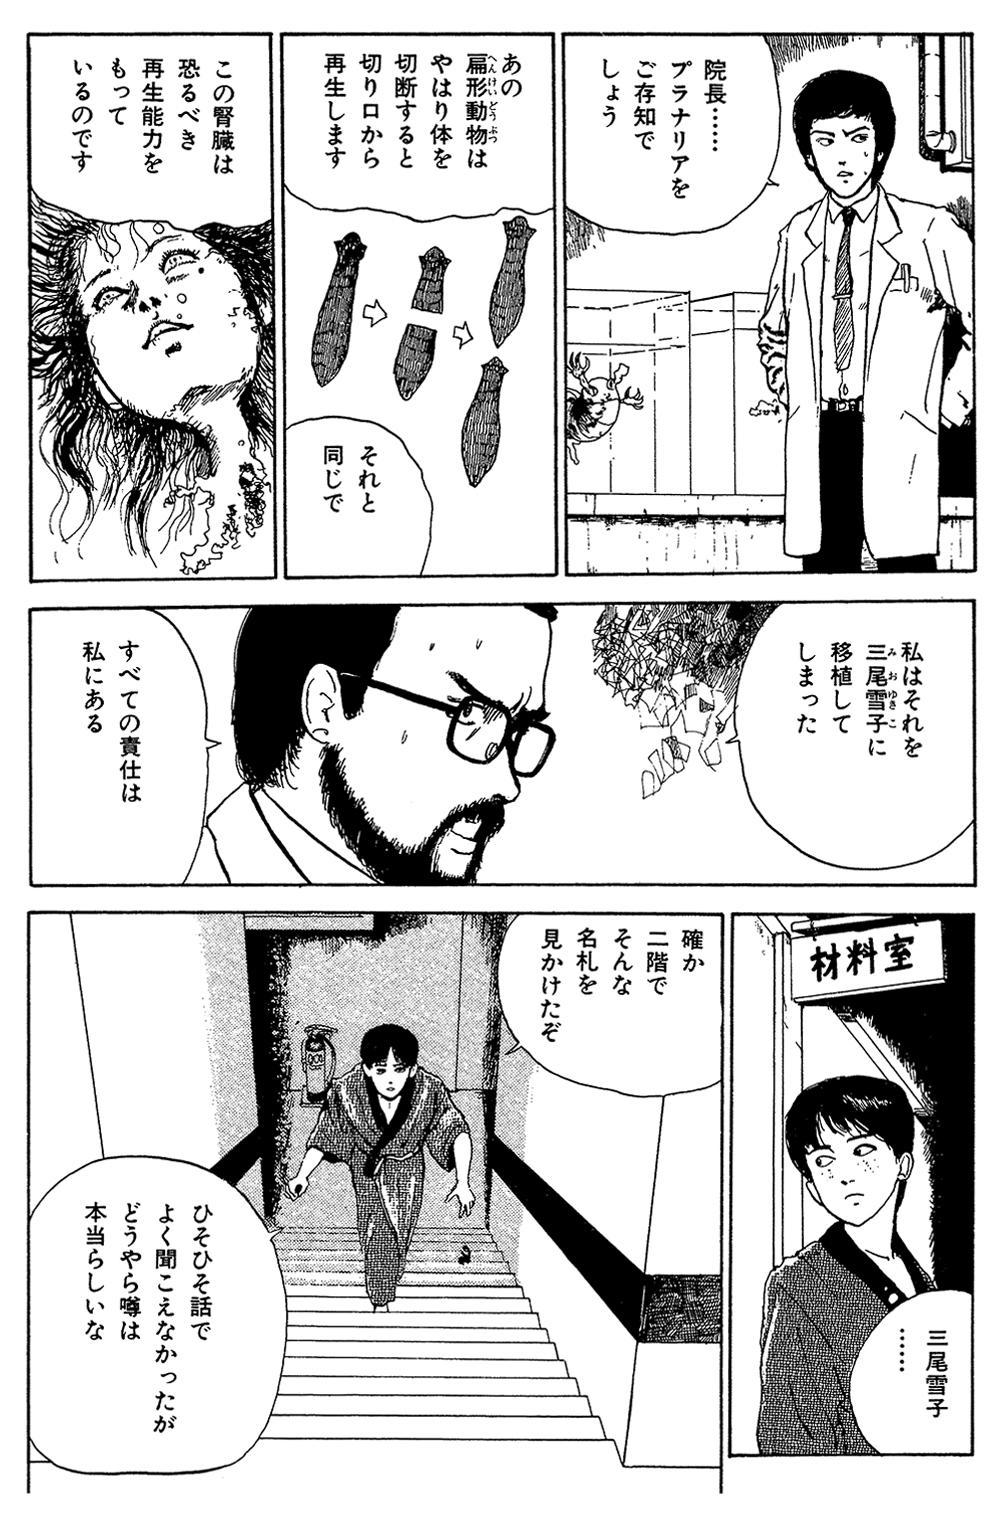 伊藤潤二傑作集 第3話「富江 地下室」①junji06-08.jpg